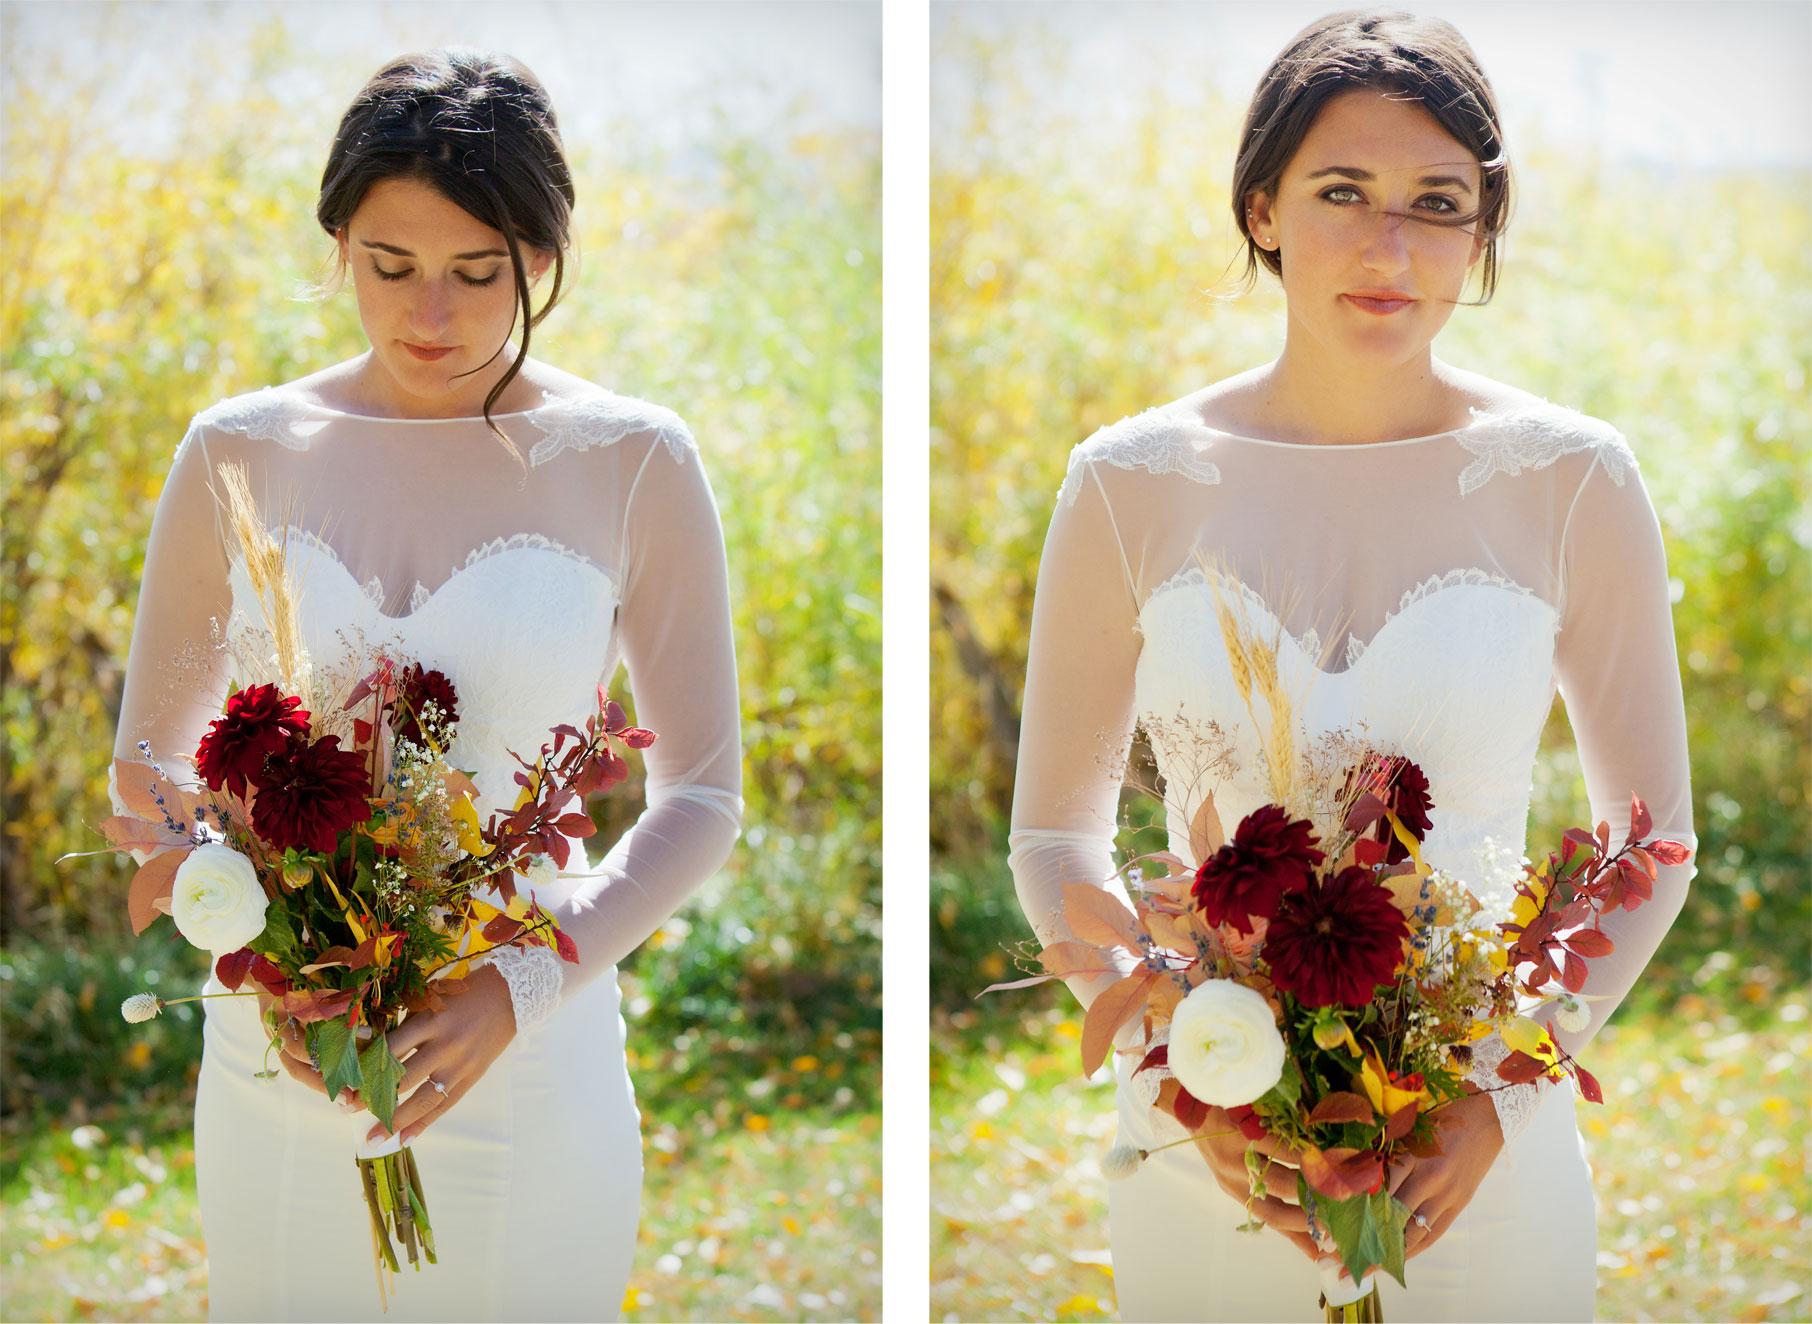 Bride - Florals - An Outdoor Autumn Wedding in Mancos, Colorado